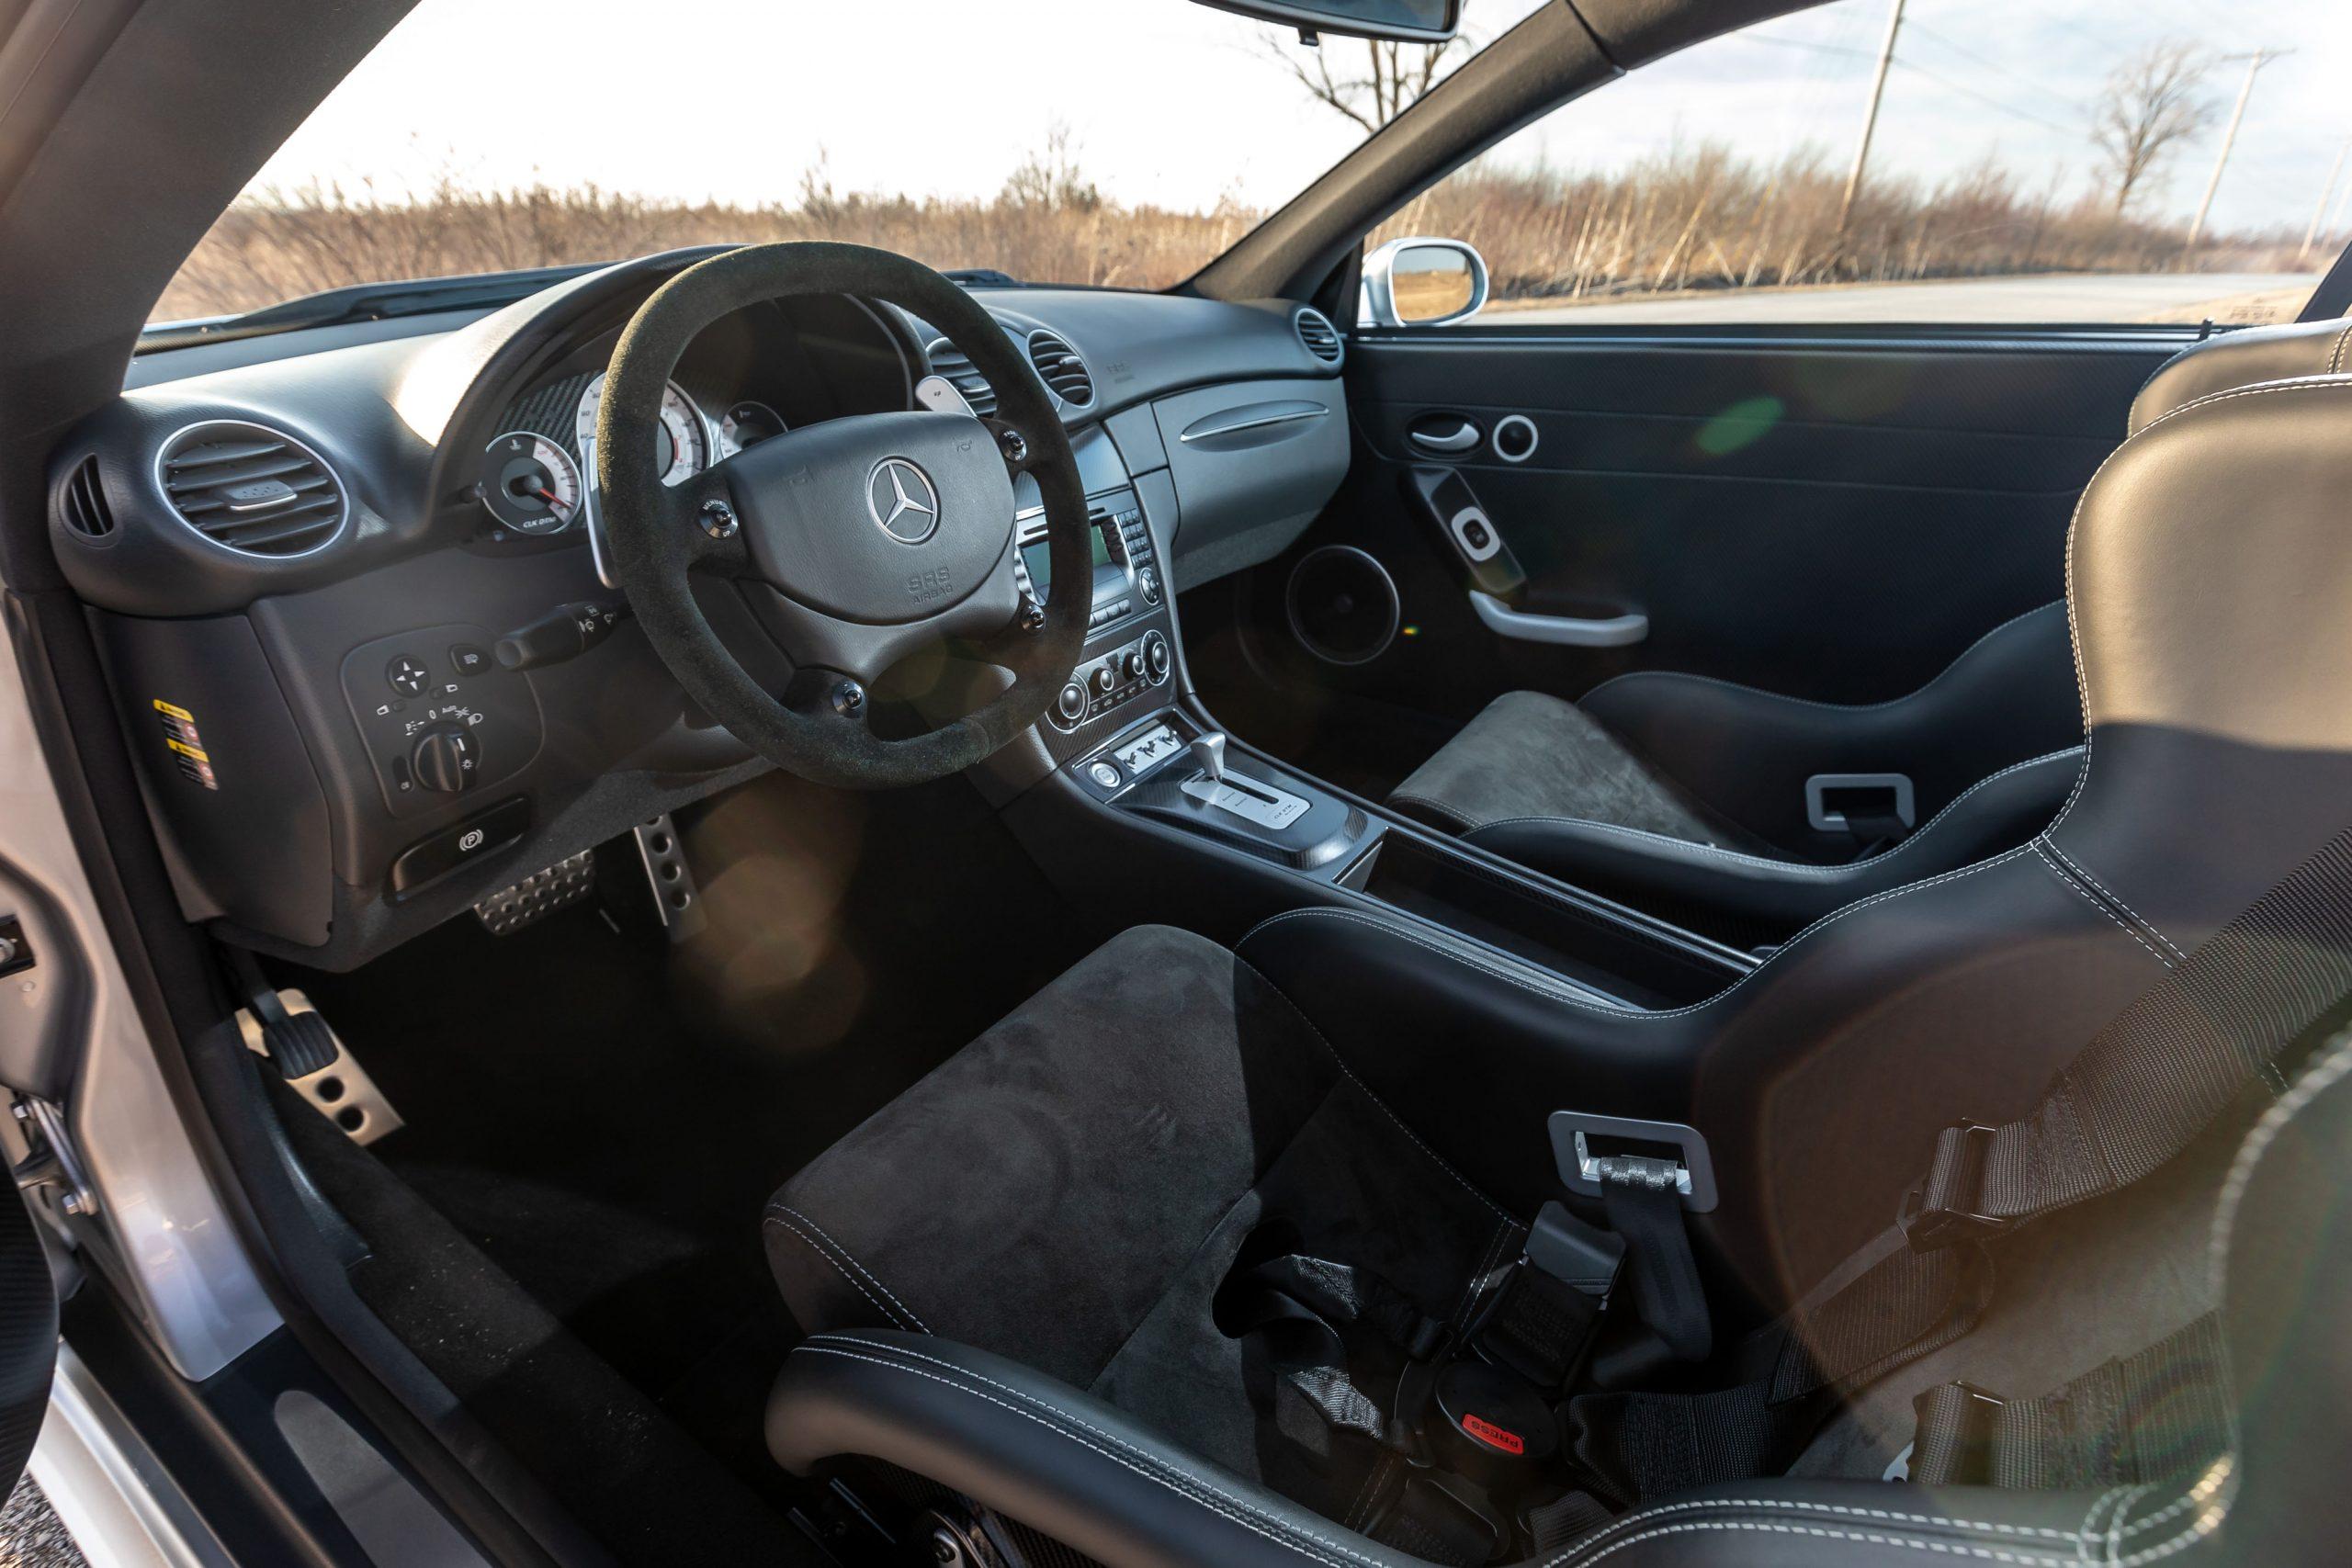 2005 Mercedes Benz CLK DTM AMG interior